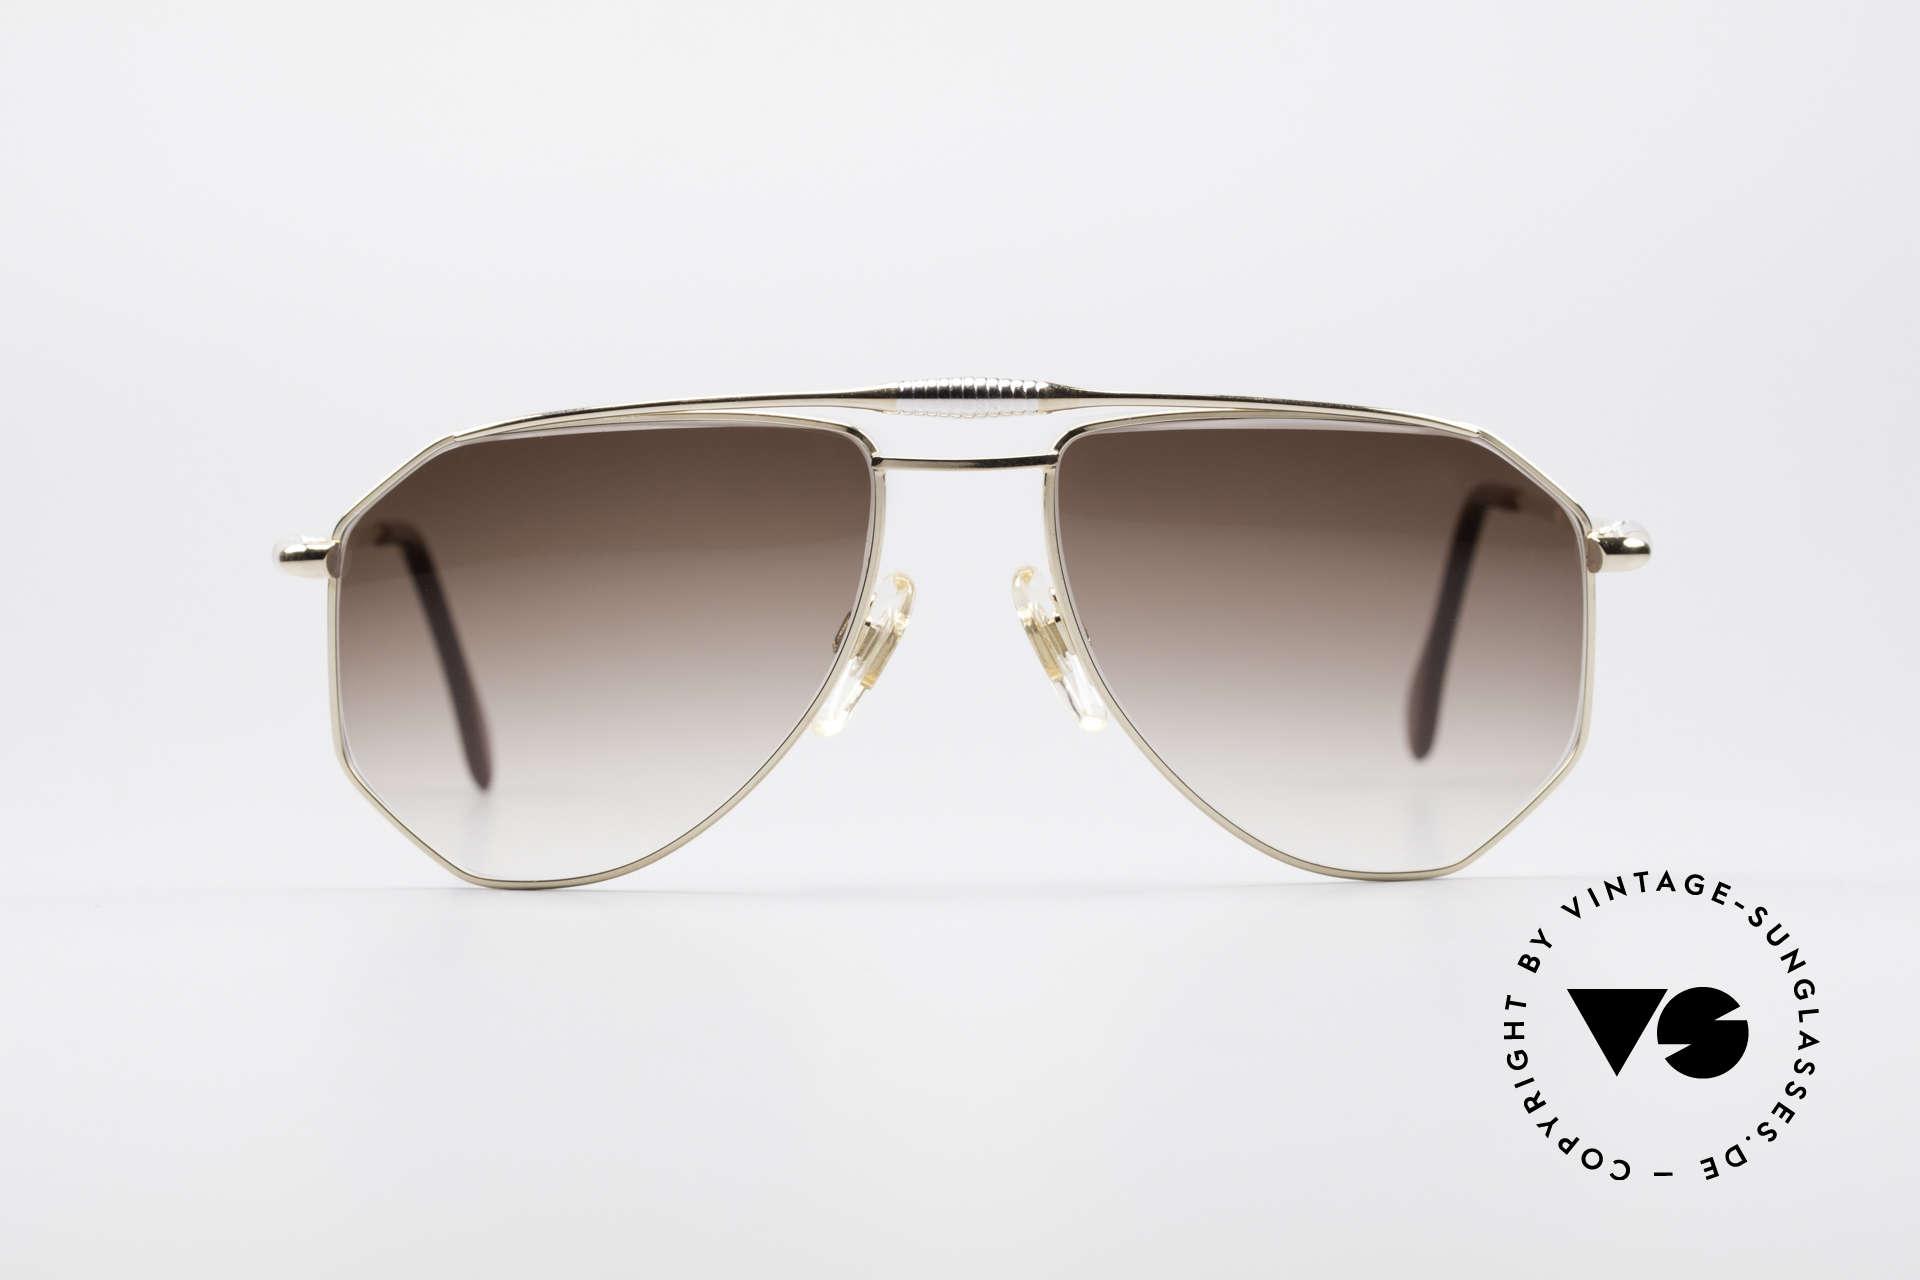 Zollitsch Cadre 120 Medium 80er Vintage Brille, markantes Herren-Modell in herausragender Qualität, Passend für Herren